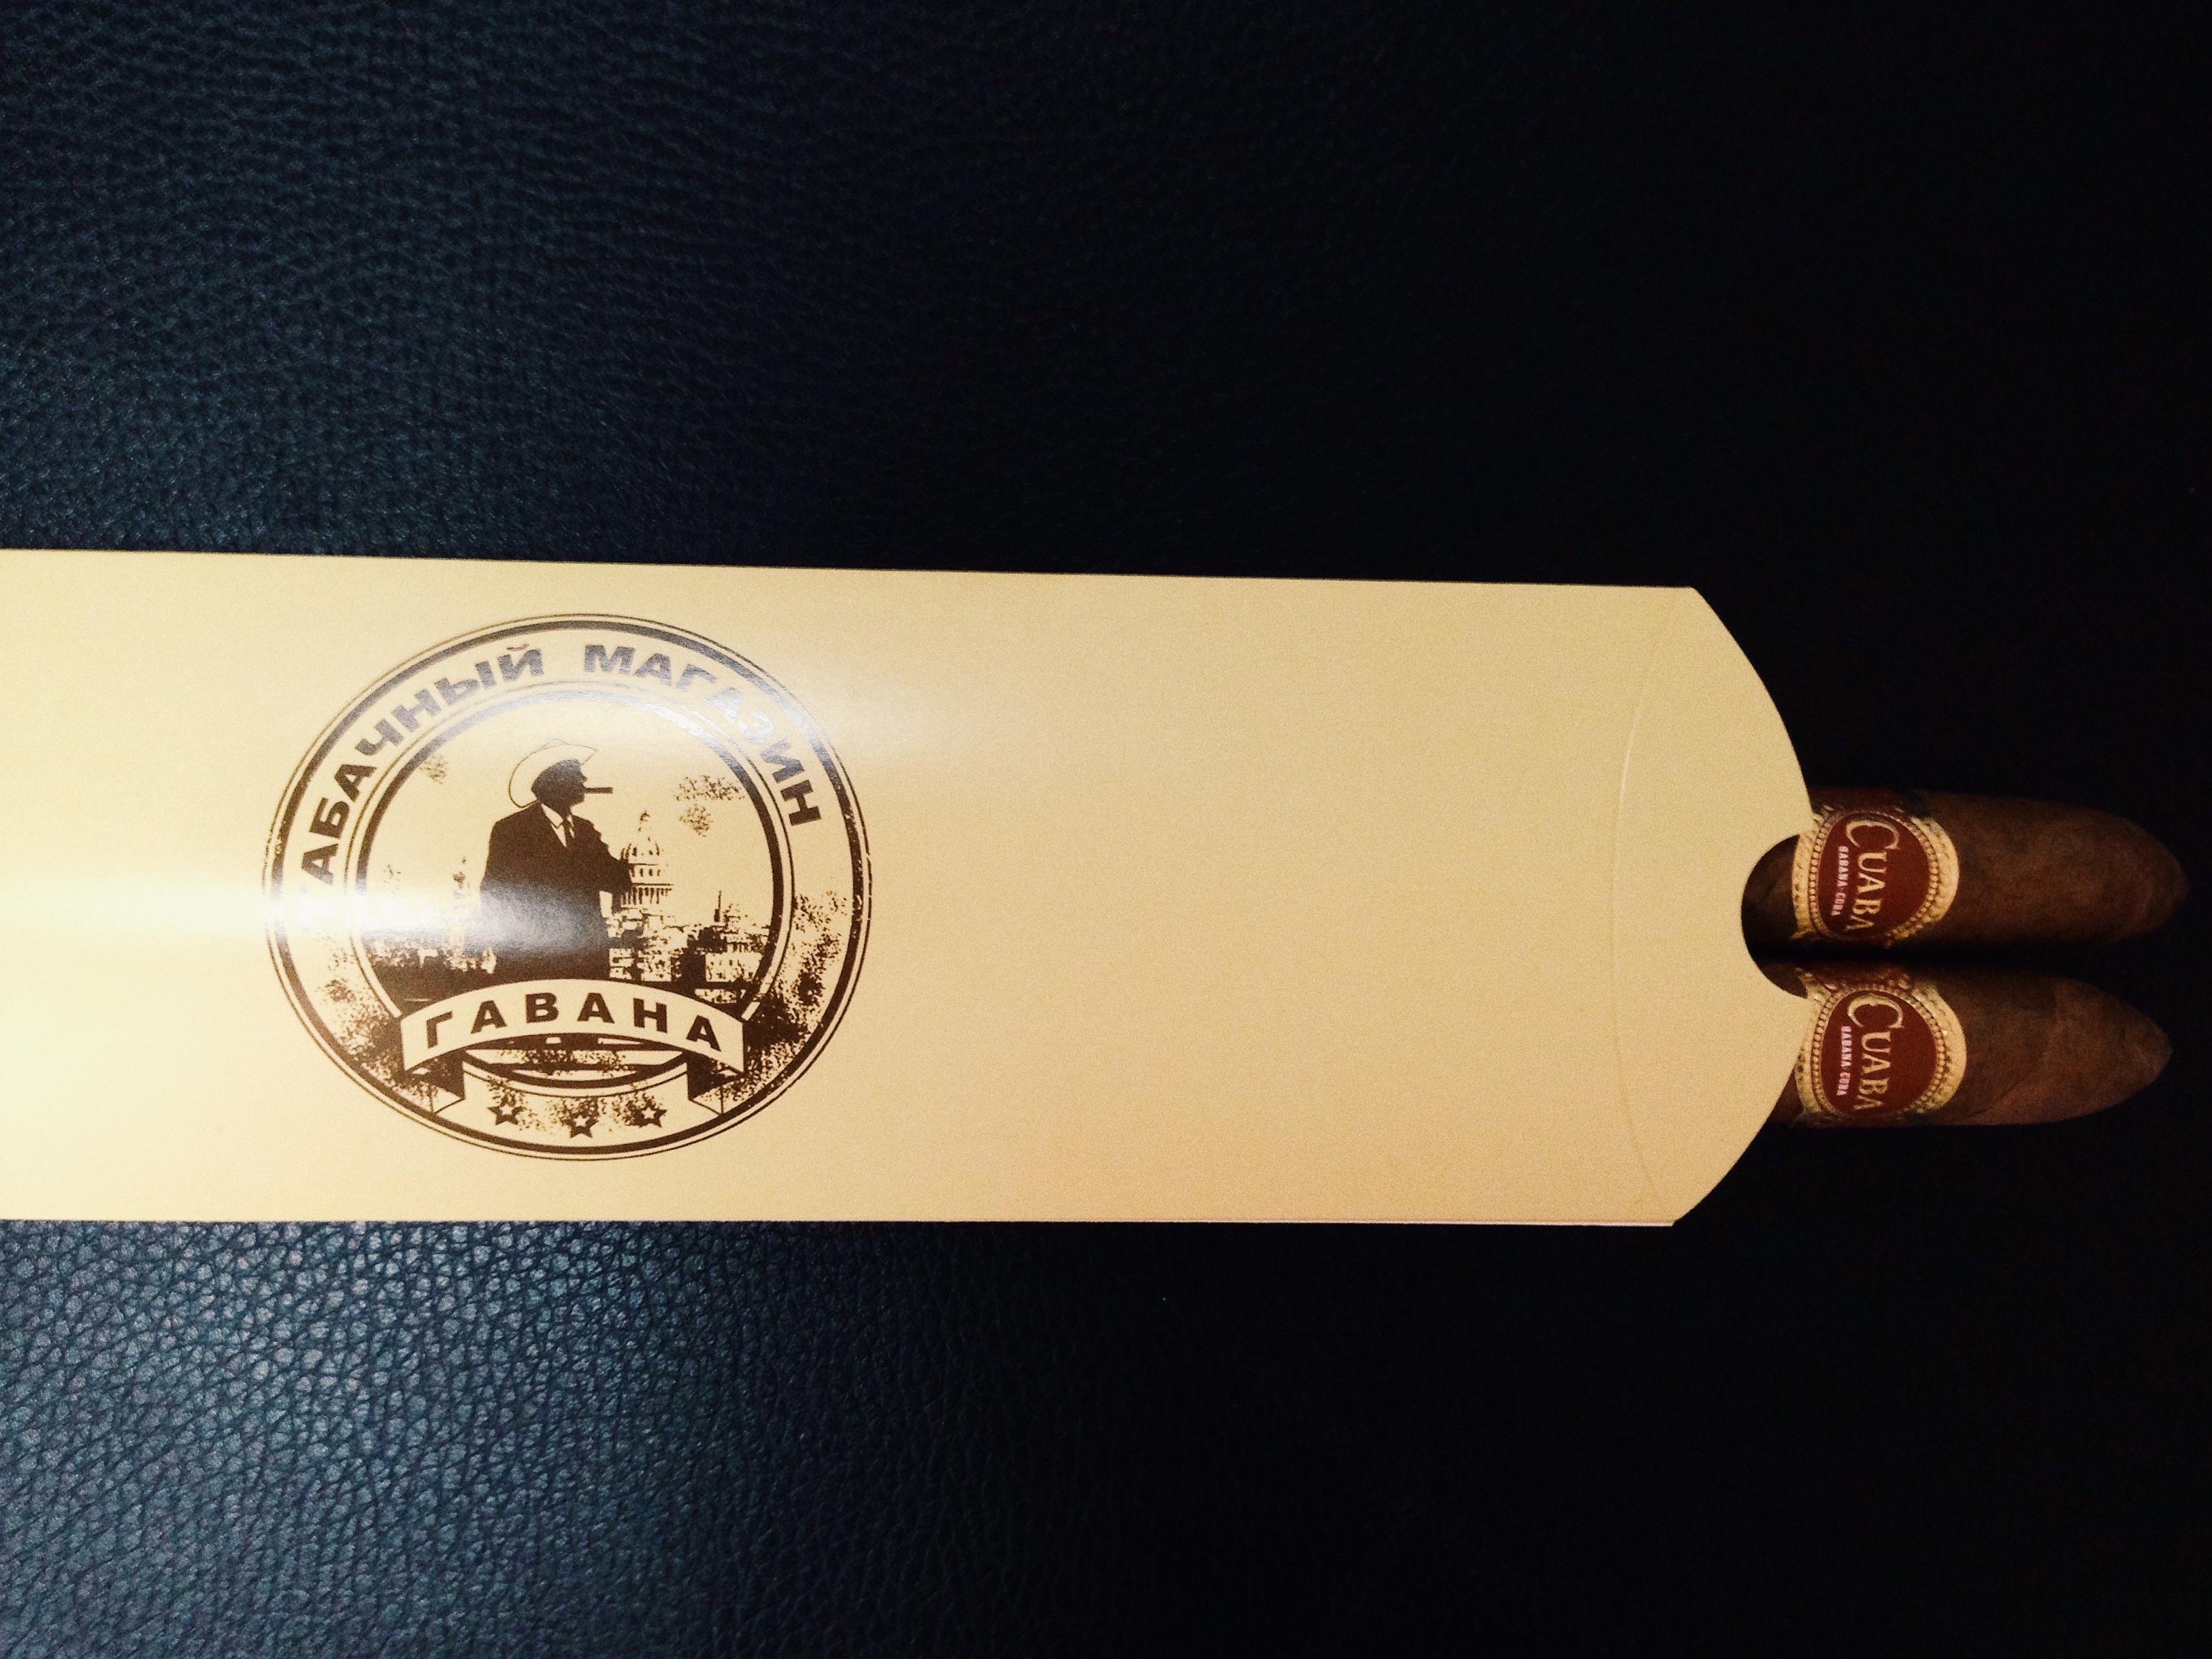 Хабаровск табачные изделия электронная сигарета hqd купить в москве дешево